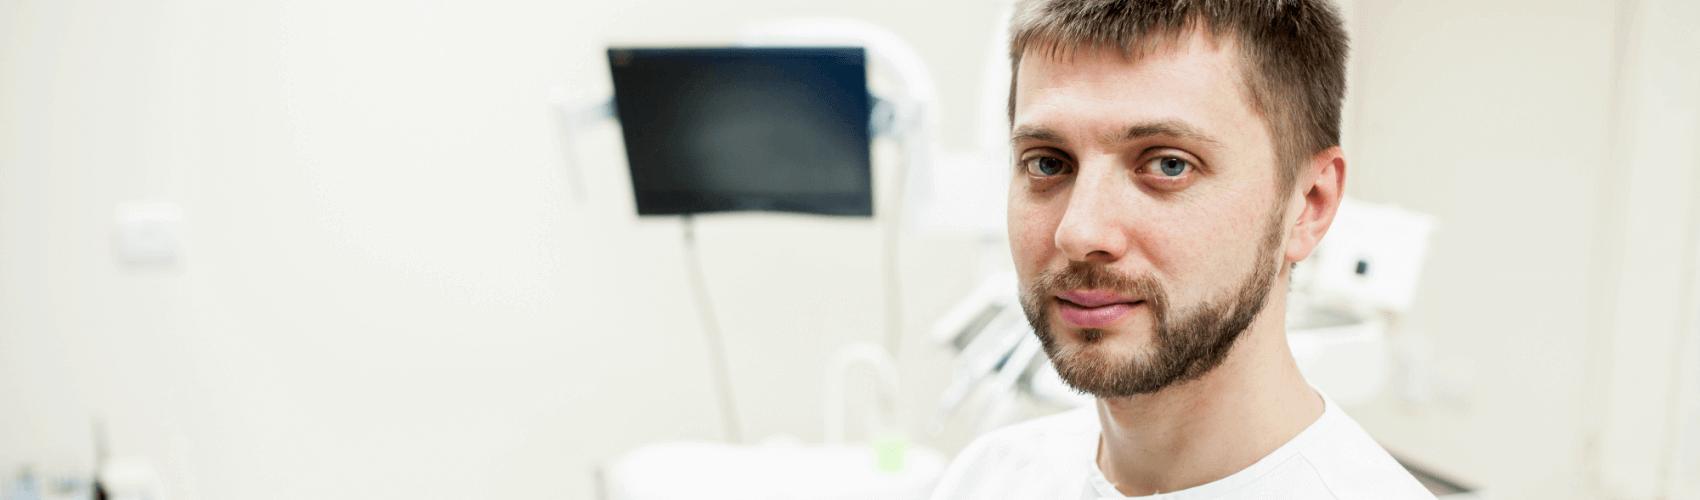 Las clínicas dentales están facturando un menos que en el 2016